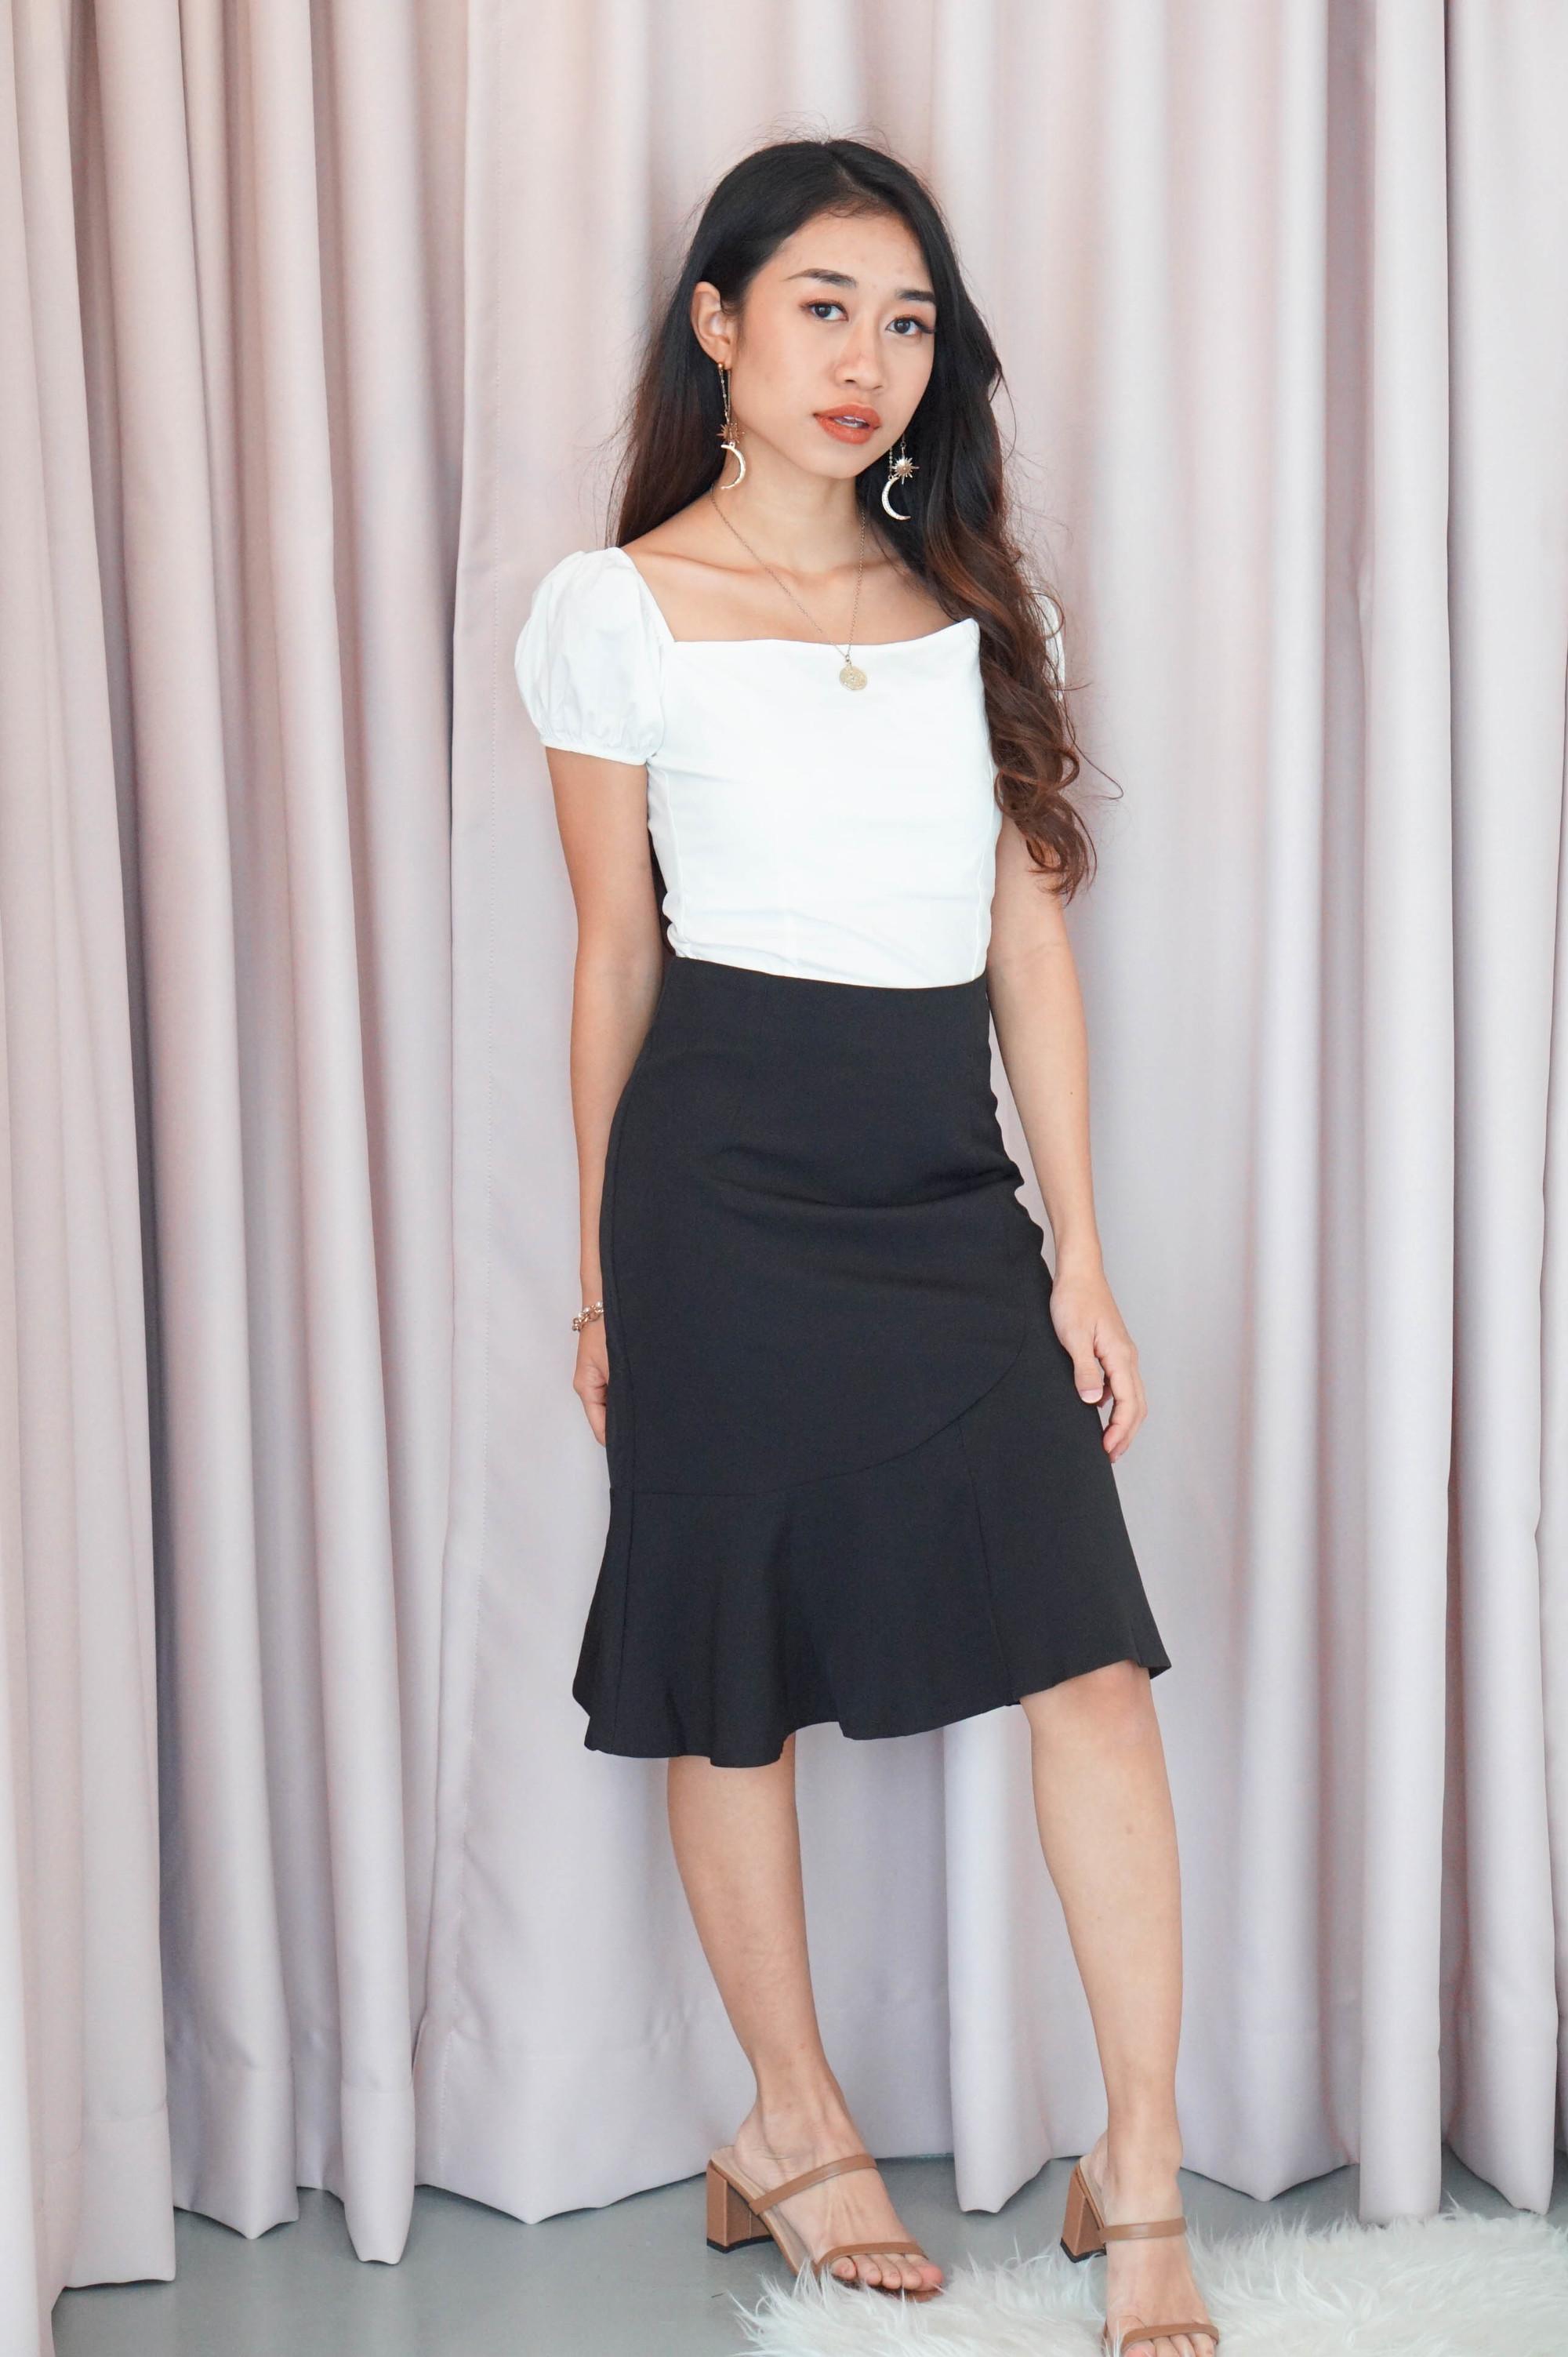 Checks and Balance Ruffles Skirt in Black